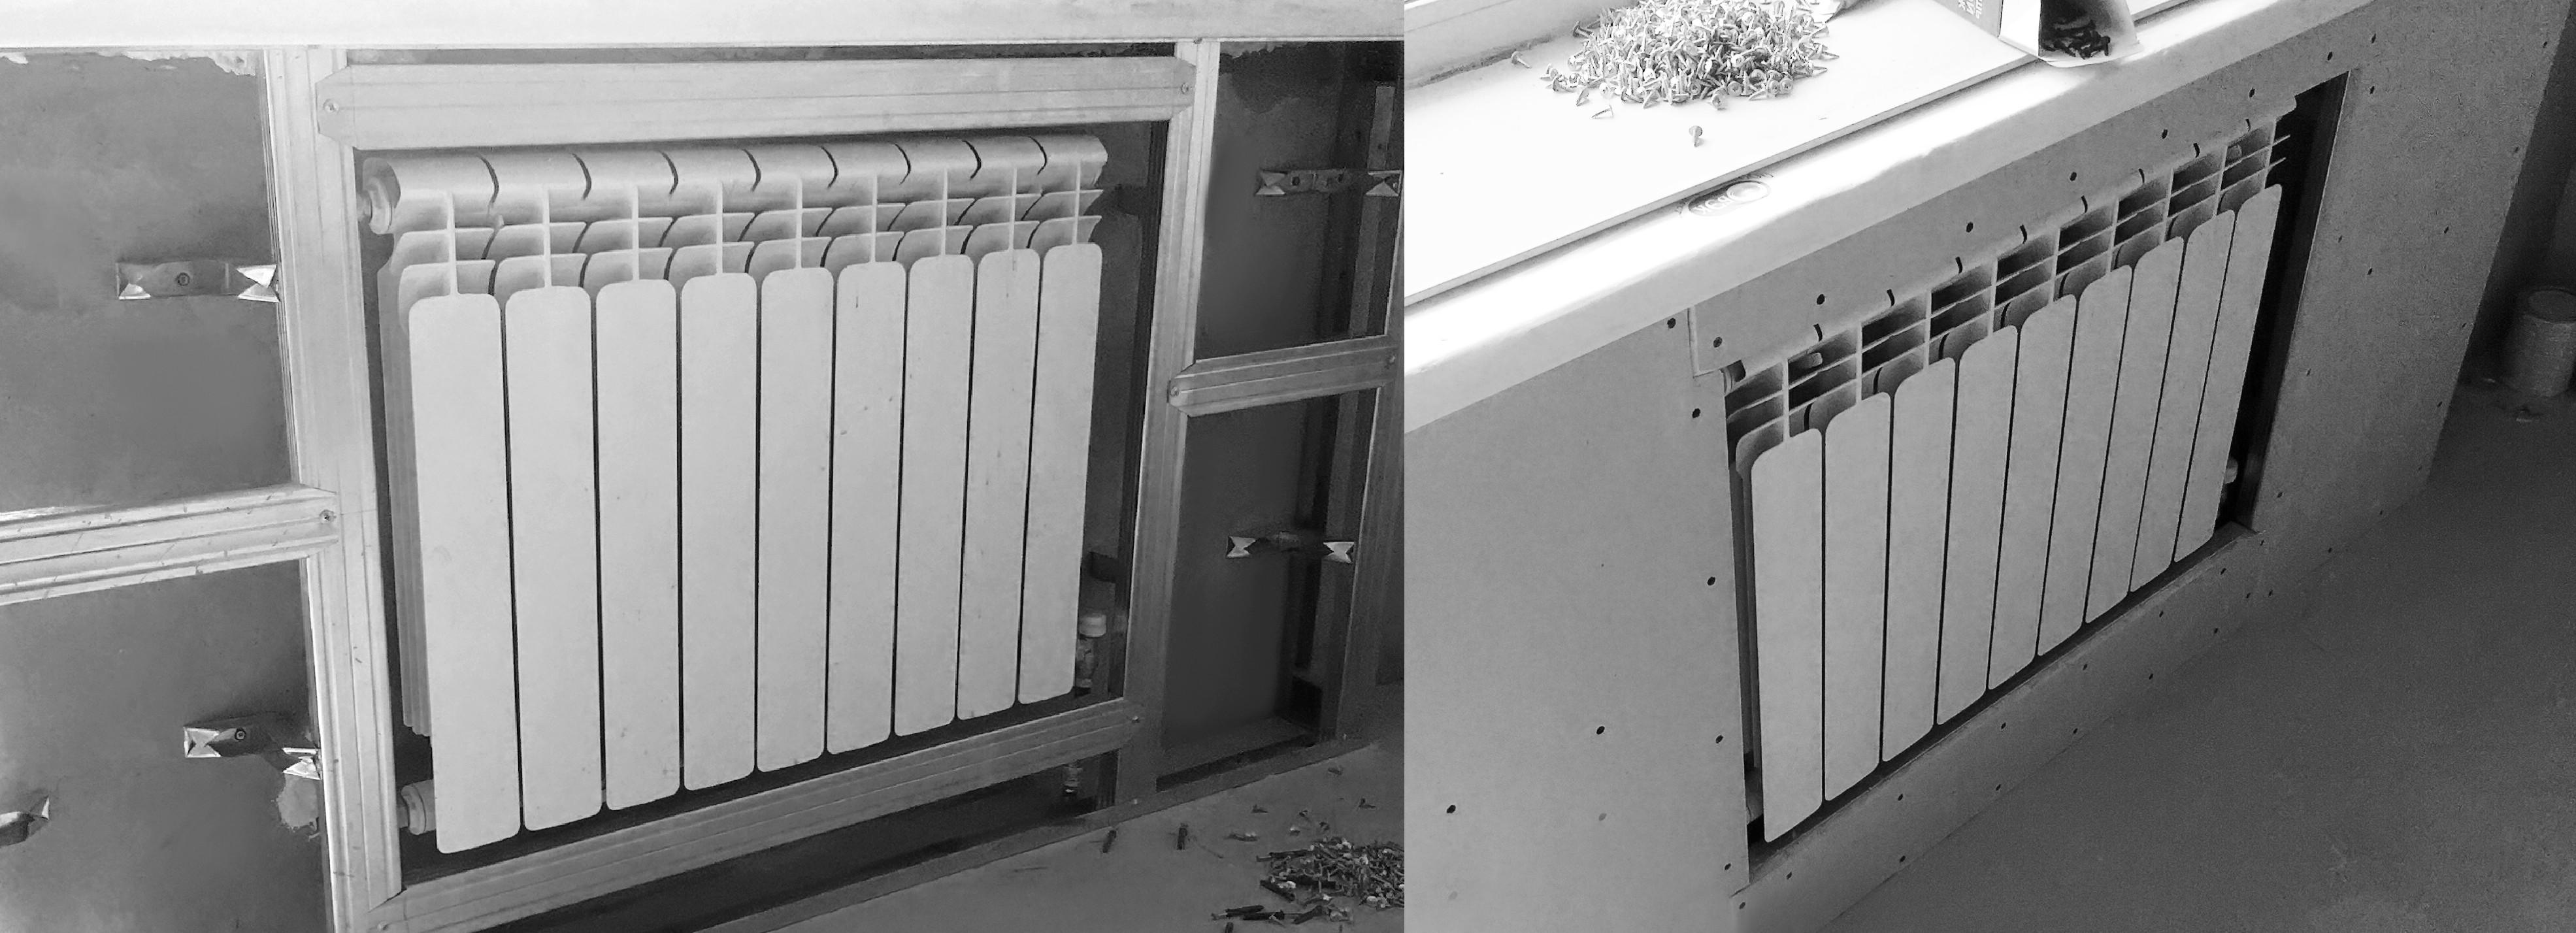 Comment Cacher Un Vieux Radiateur comment fermer le radiateur dans la pièce magnifiquement